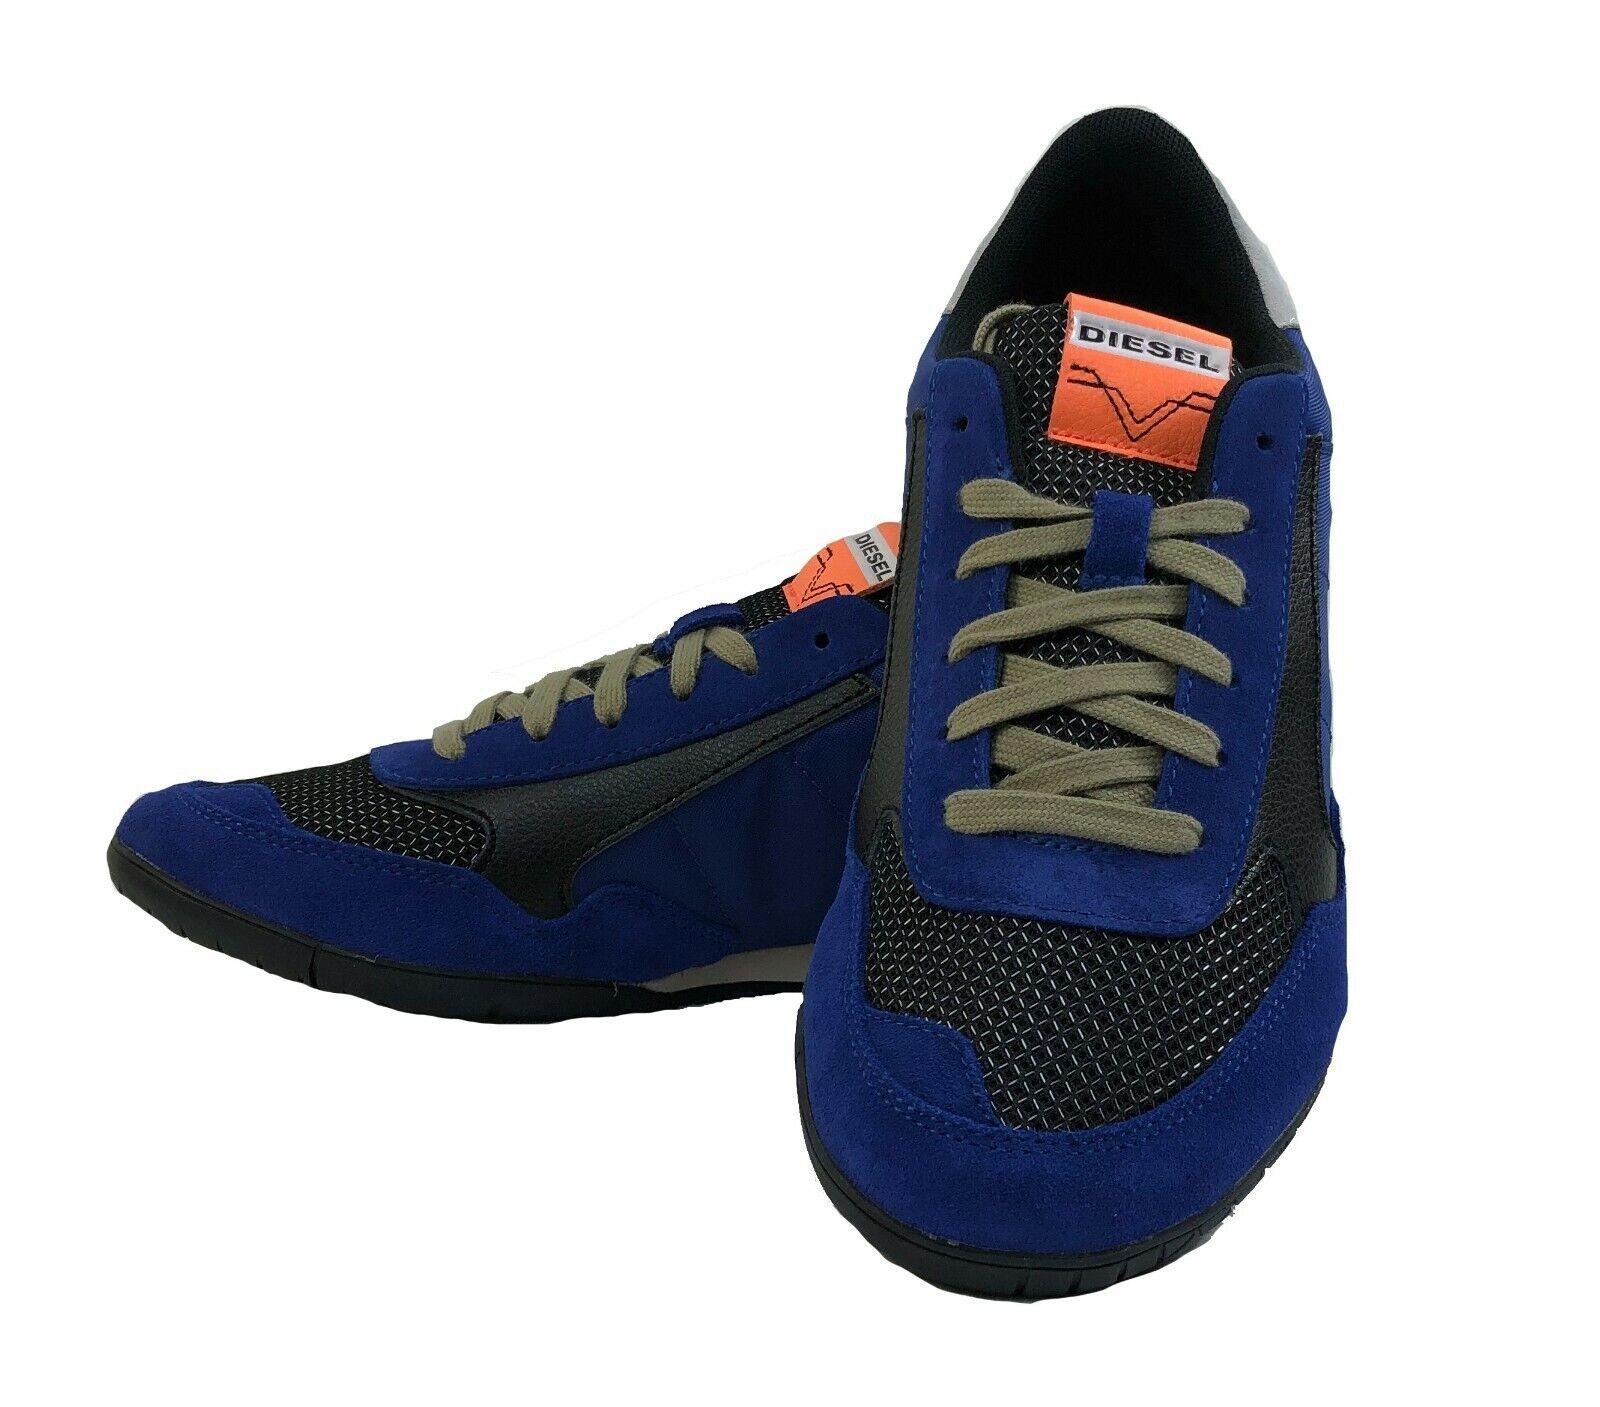 DIESEL Herren Turnschuhe Schuhe  S-TOCLAW  blau schwarz